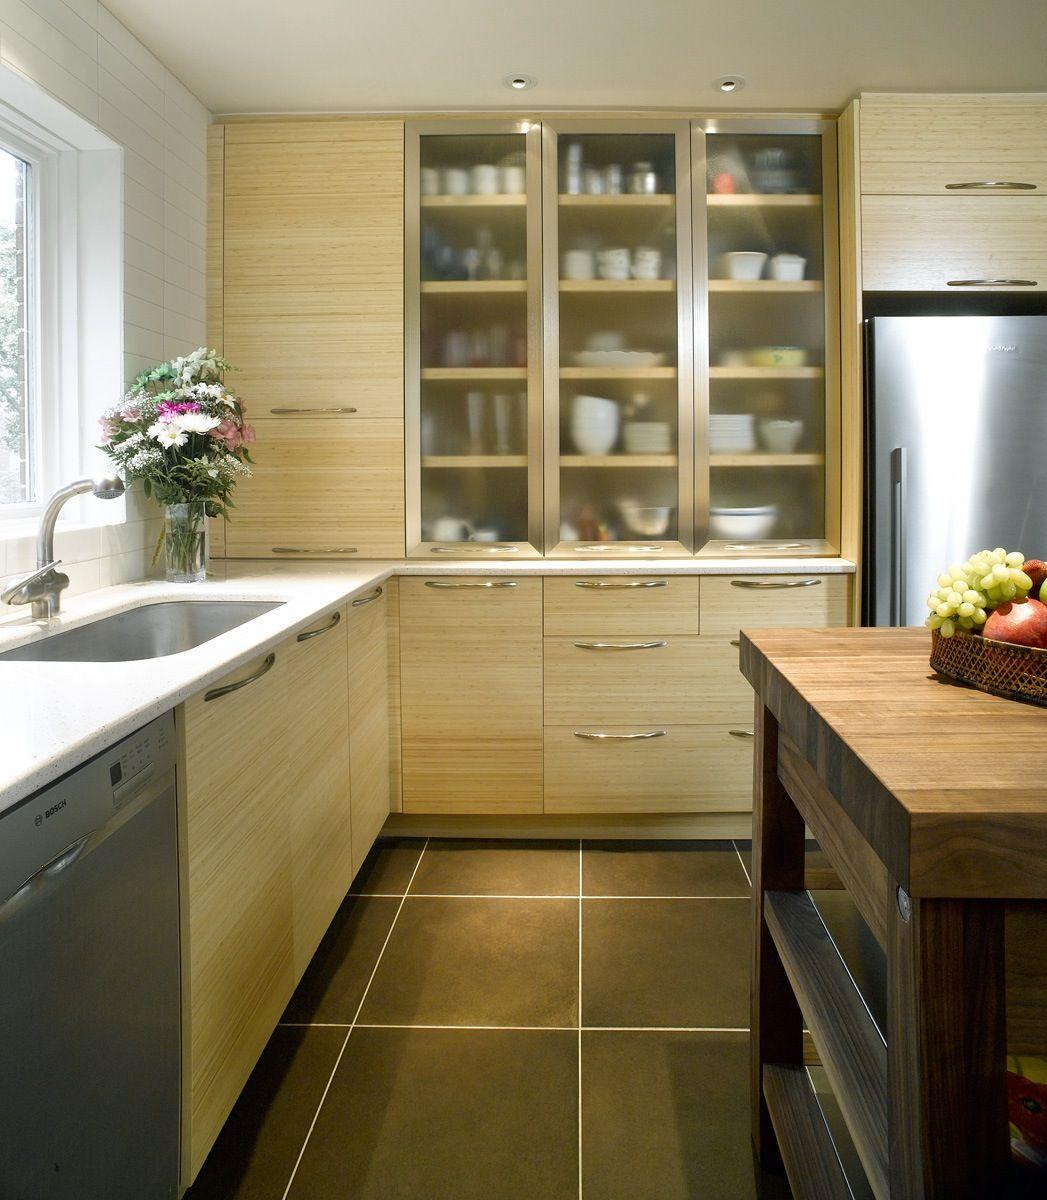 La Combinaison D Armoires De Cuisine Au Fini Texture Et Des Portes Vitrees Apportent Beaucoup D Elegance A Une Cuis Armoire De Cuisine Kitchen Kitchen Cabinets